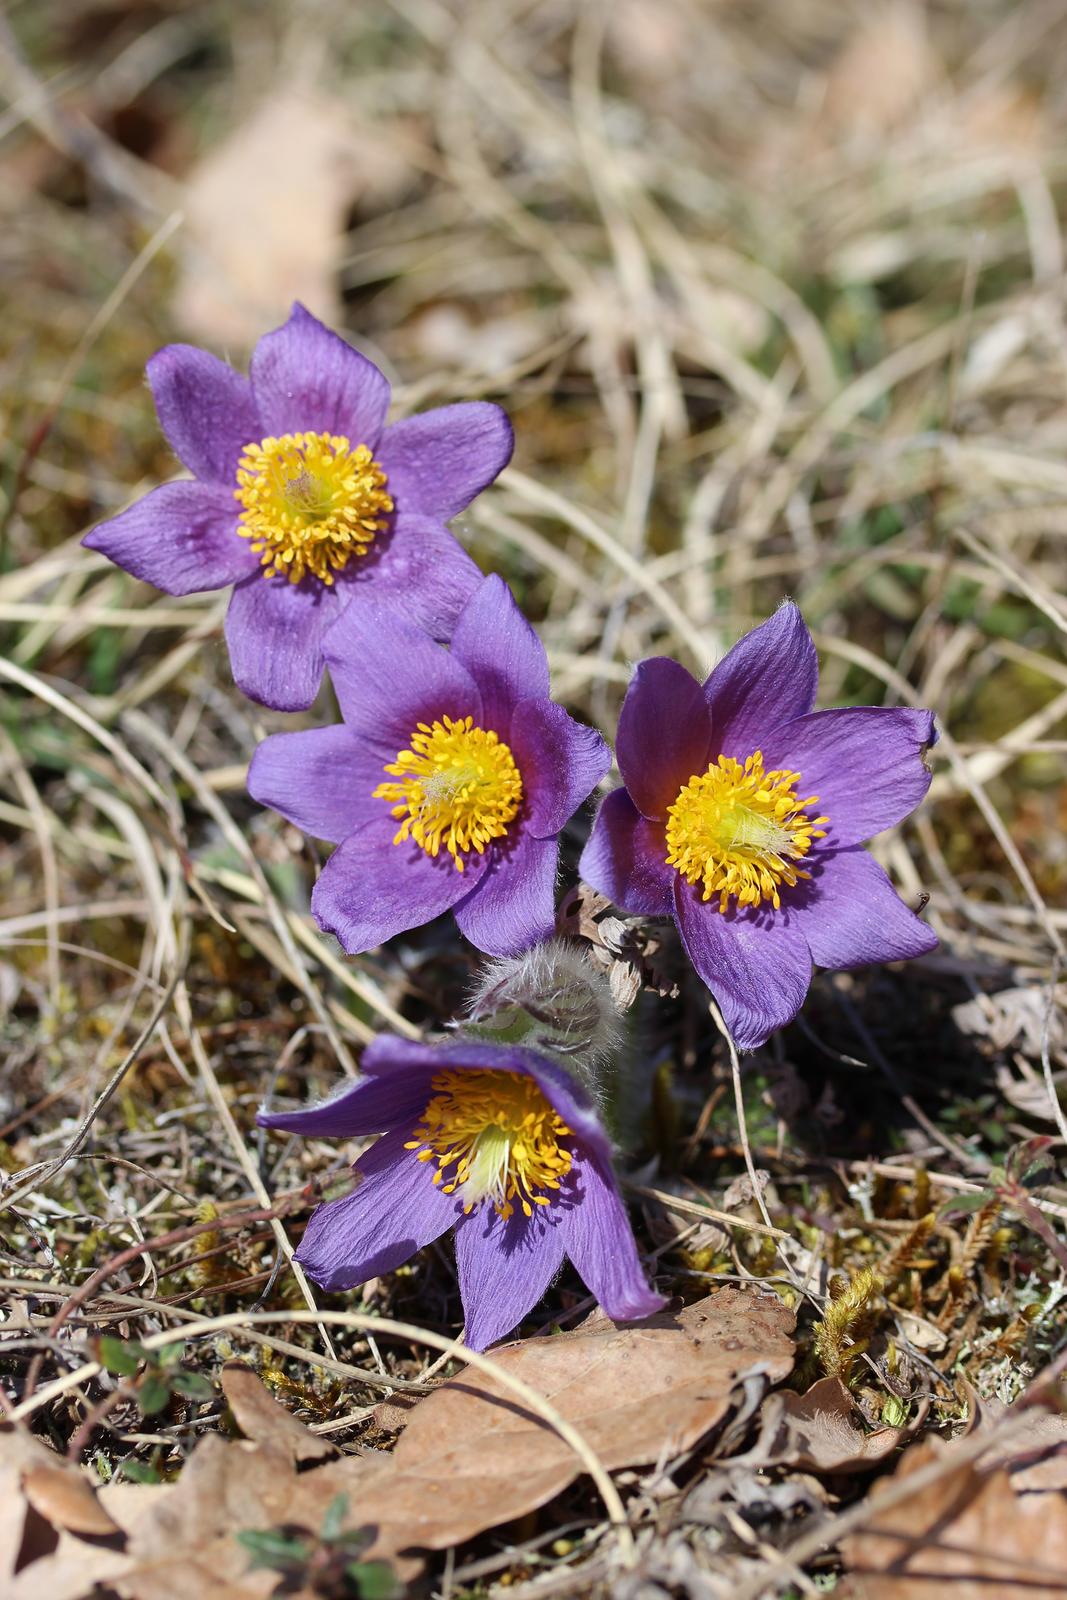 Fotografia przedstawia zbliżenie czterech kwiatów osześciu fioletowych płatkach izżółtym środkiem. To sasanka zwyczajna.